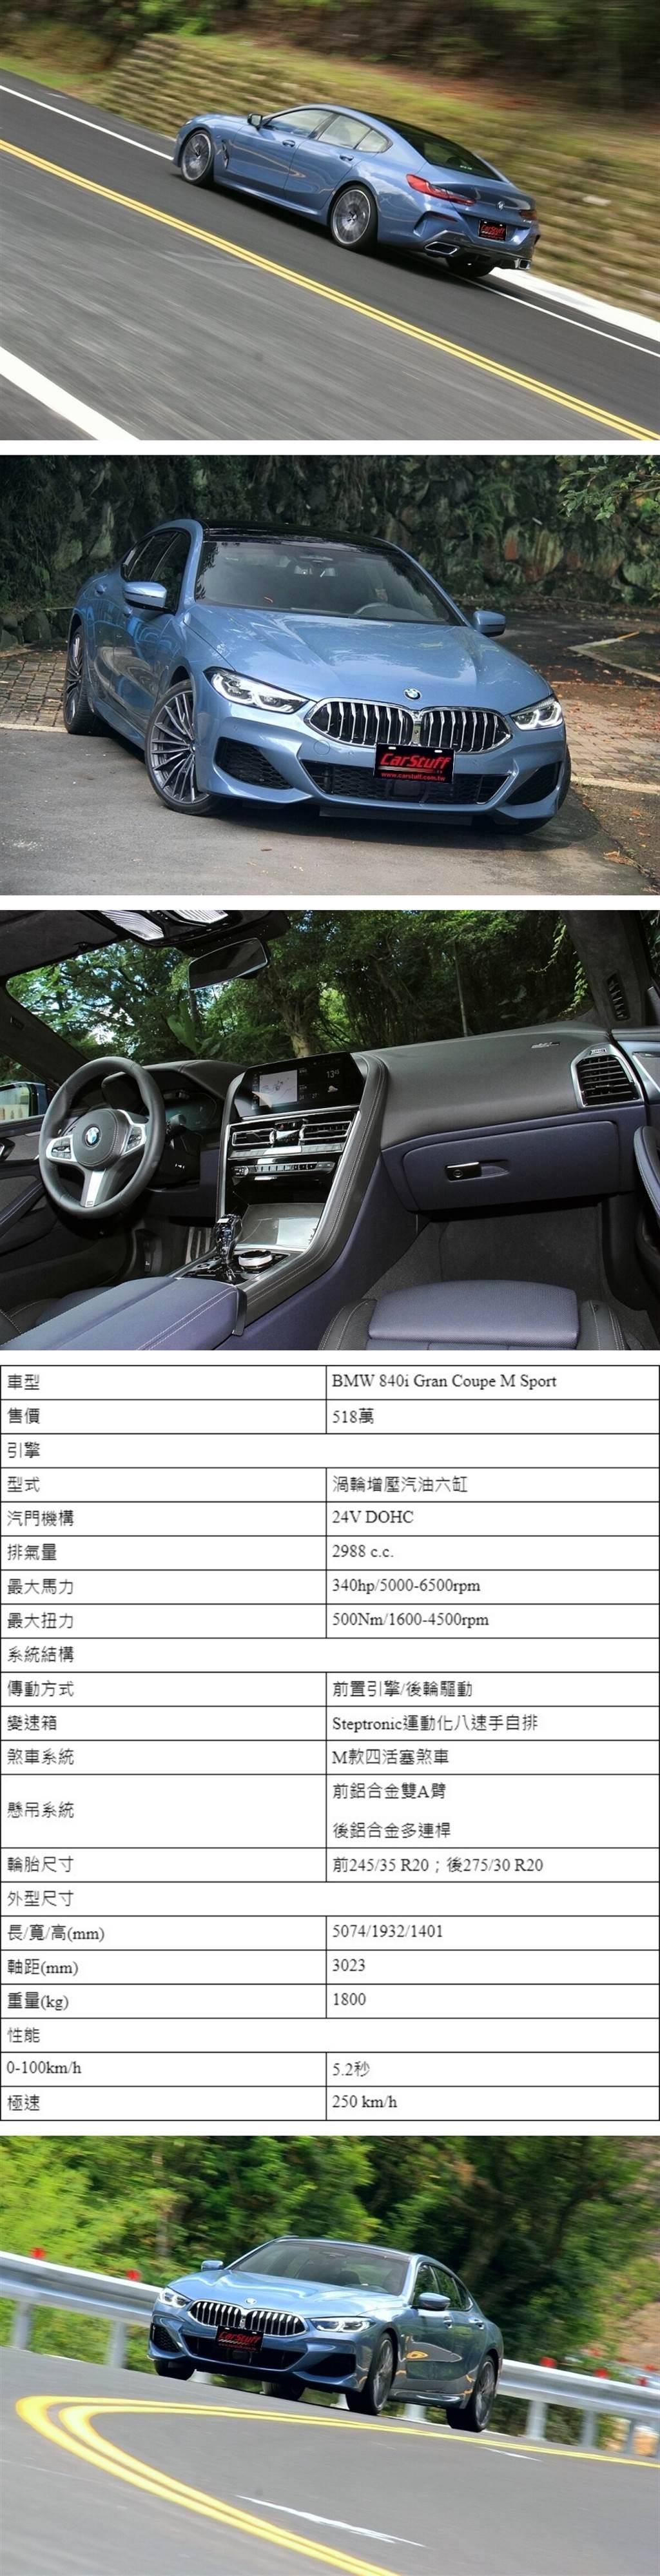 無論是動是靜,BMW 840i Gran Coupe給你滿滿「冠、酷、沛」的活力!